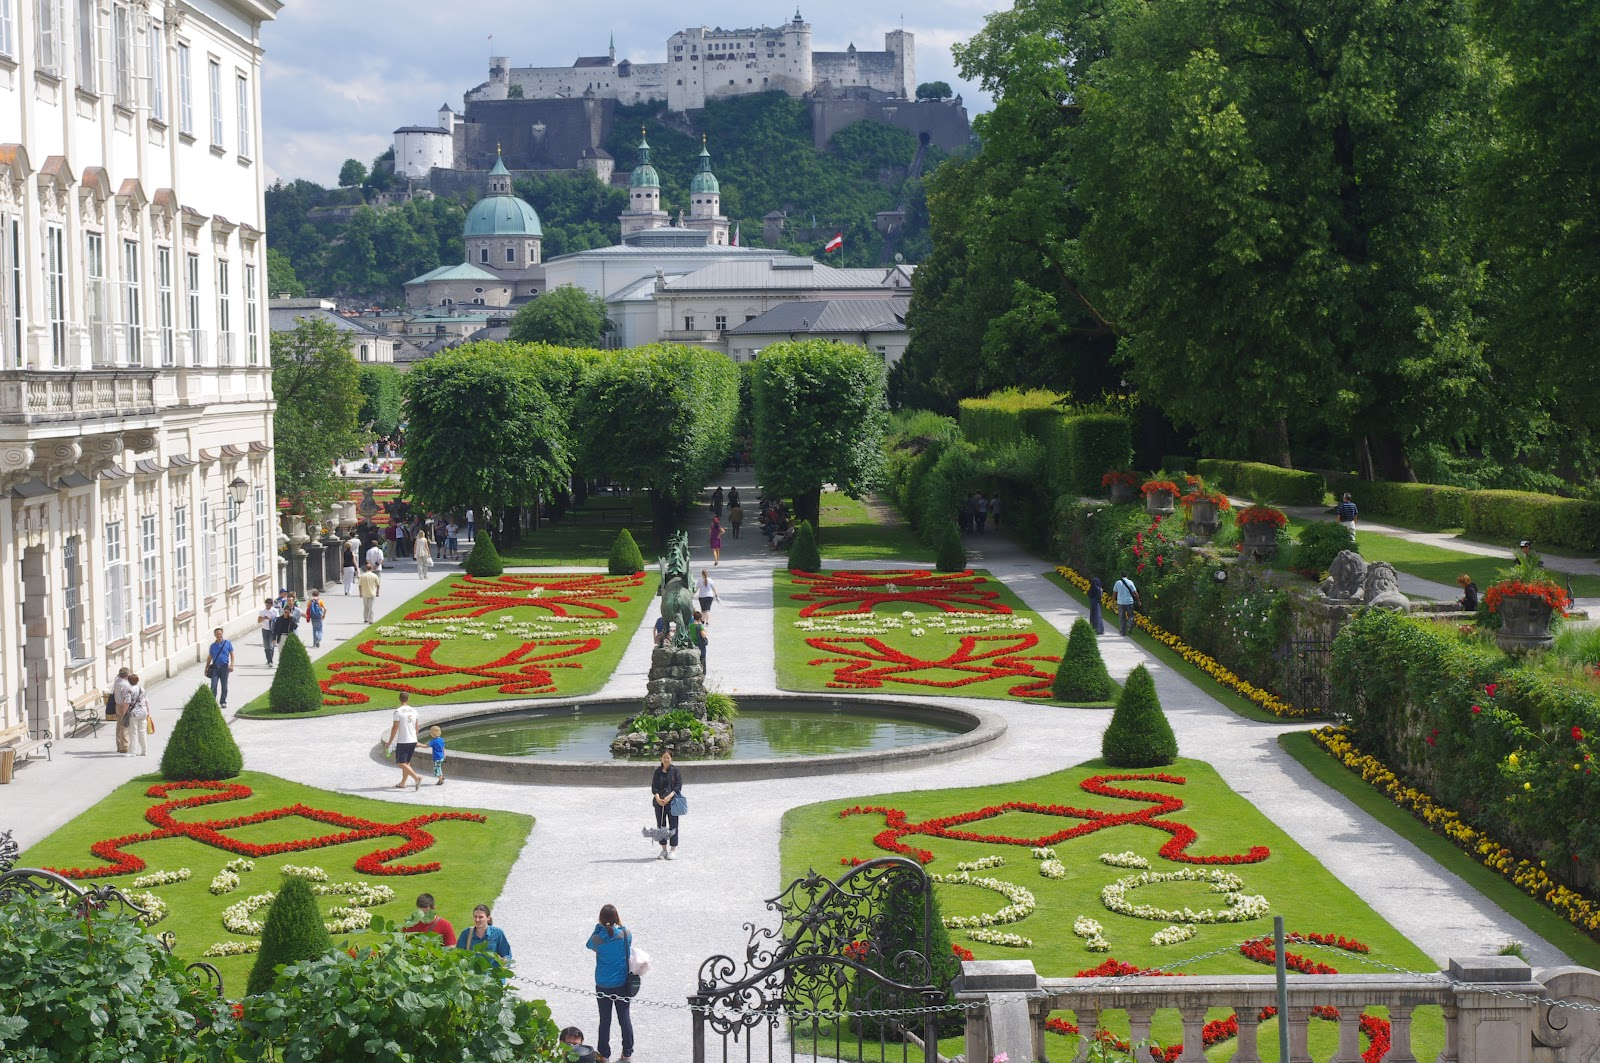 喜歡大自然: 奧地利--薩爾斯堡--米拉貝爾花園Mirabellgarten